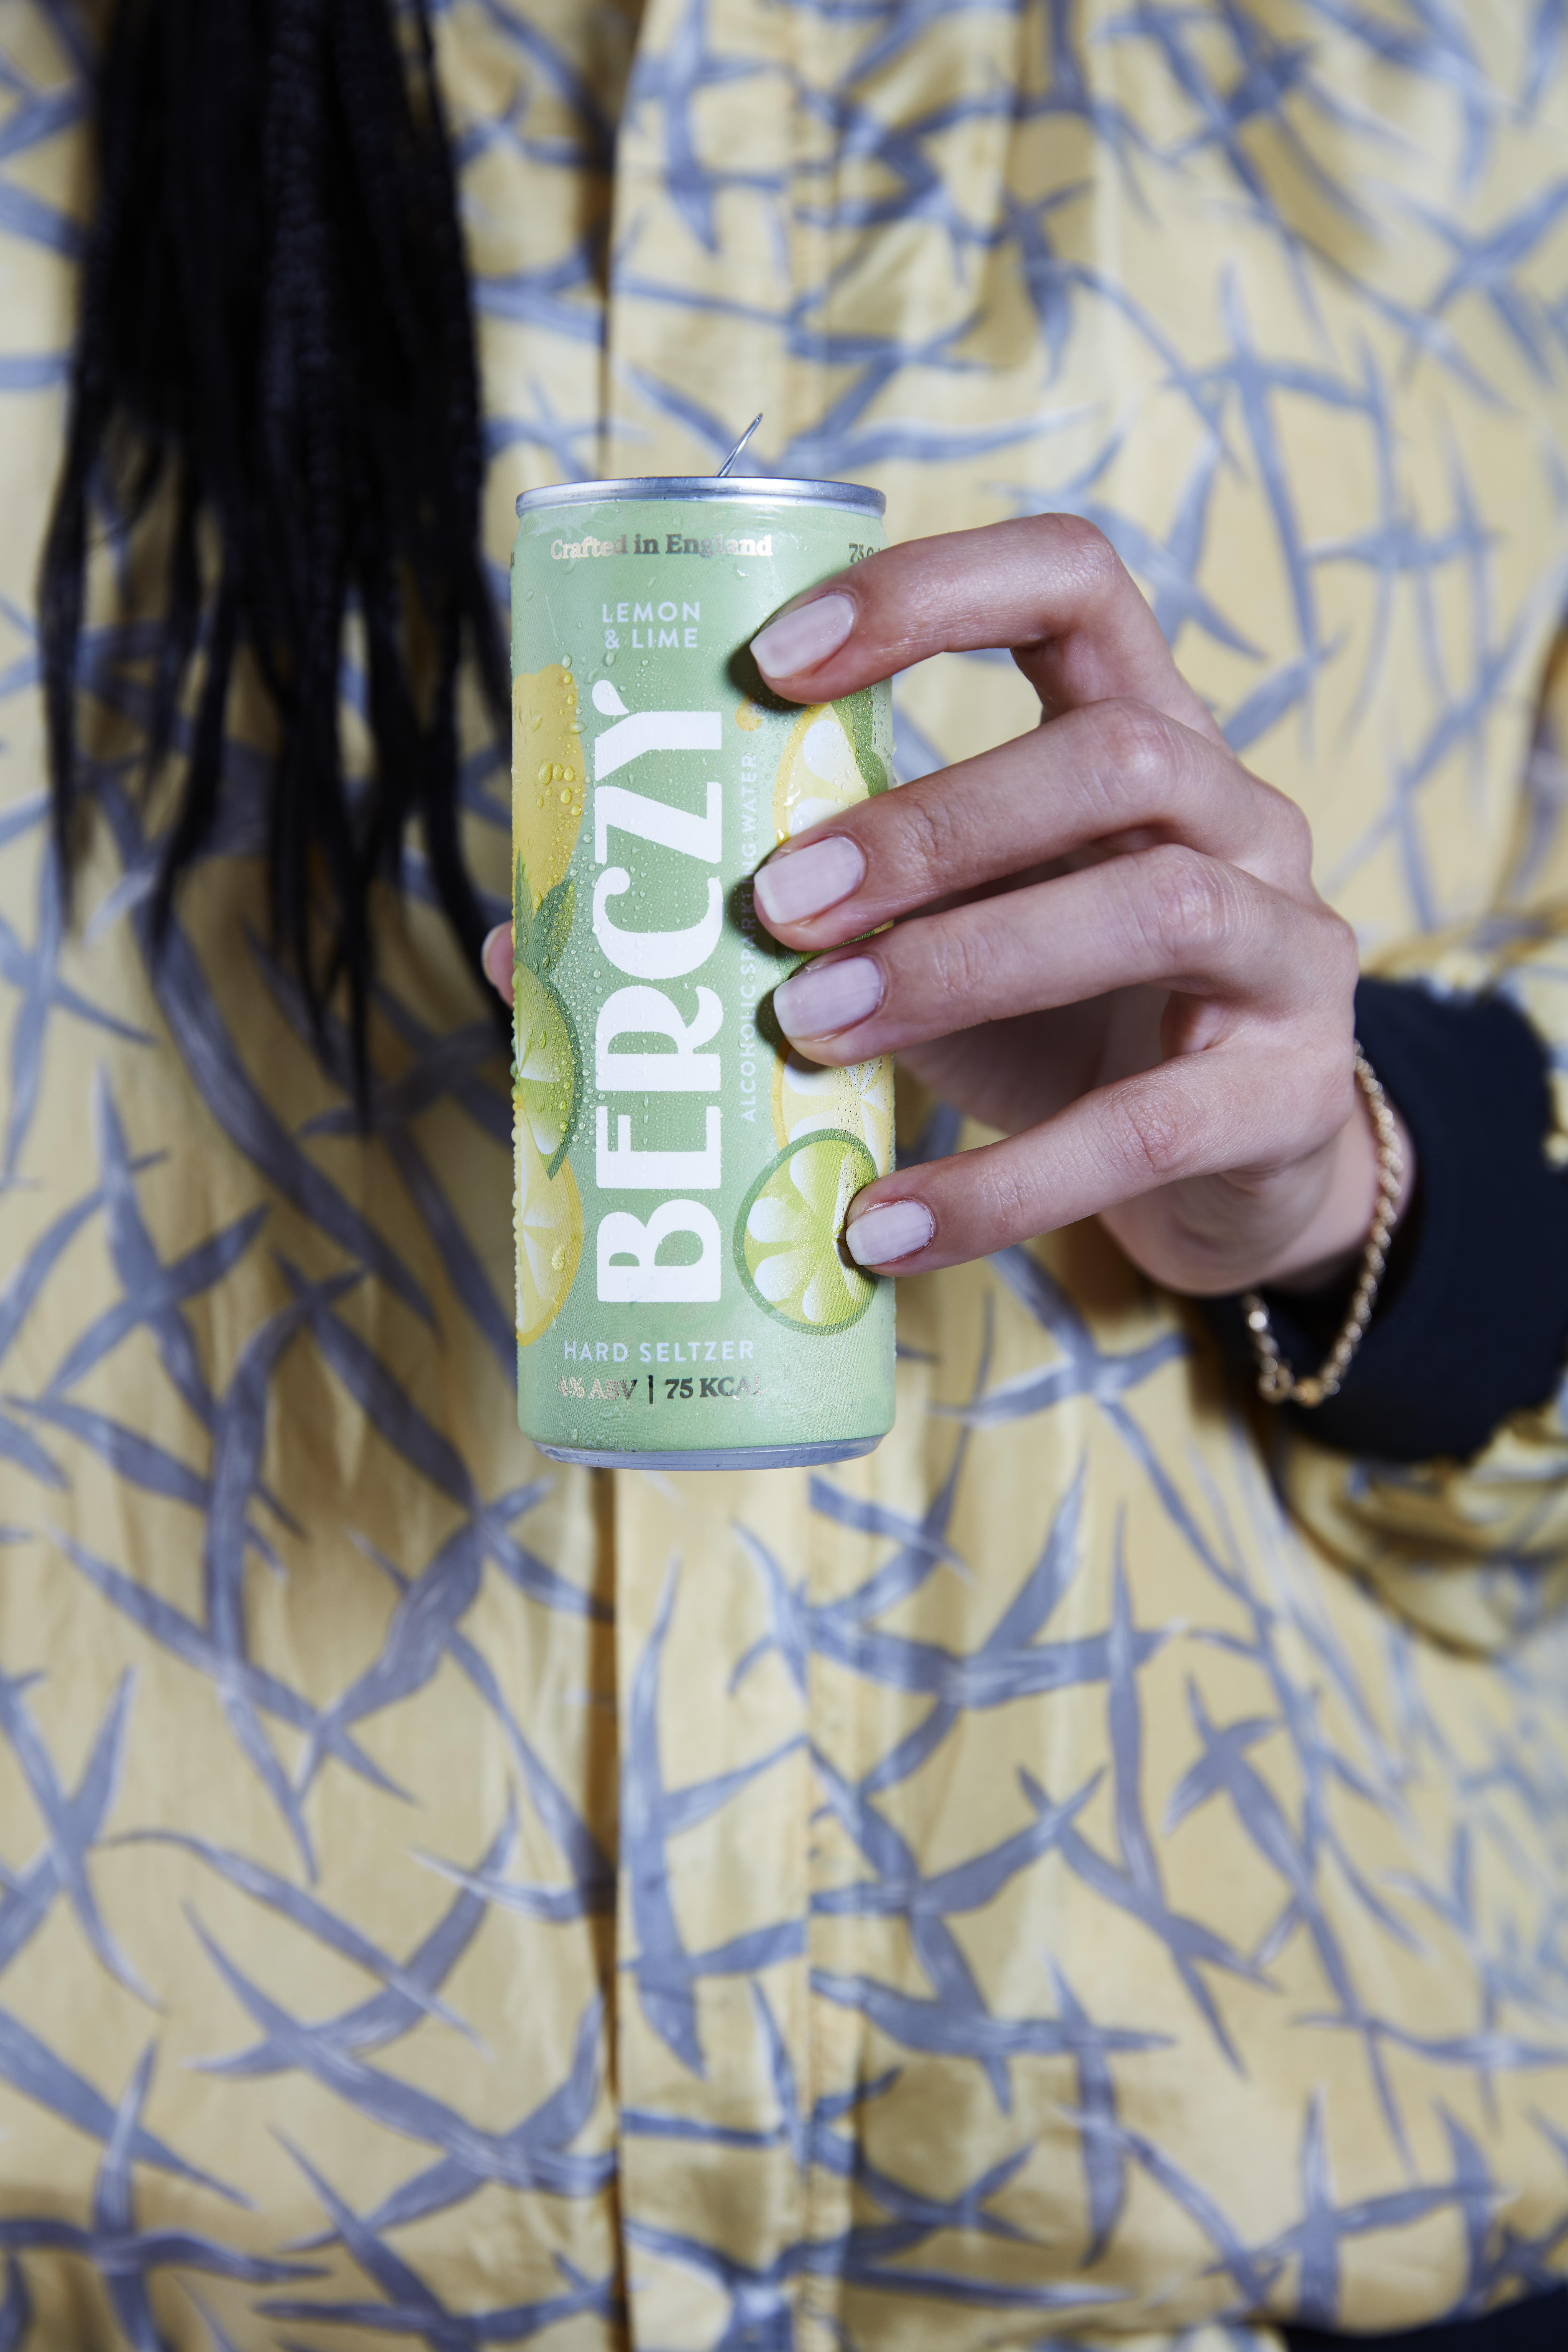 Berczy drink